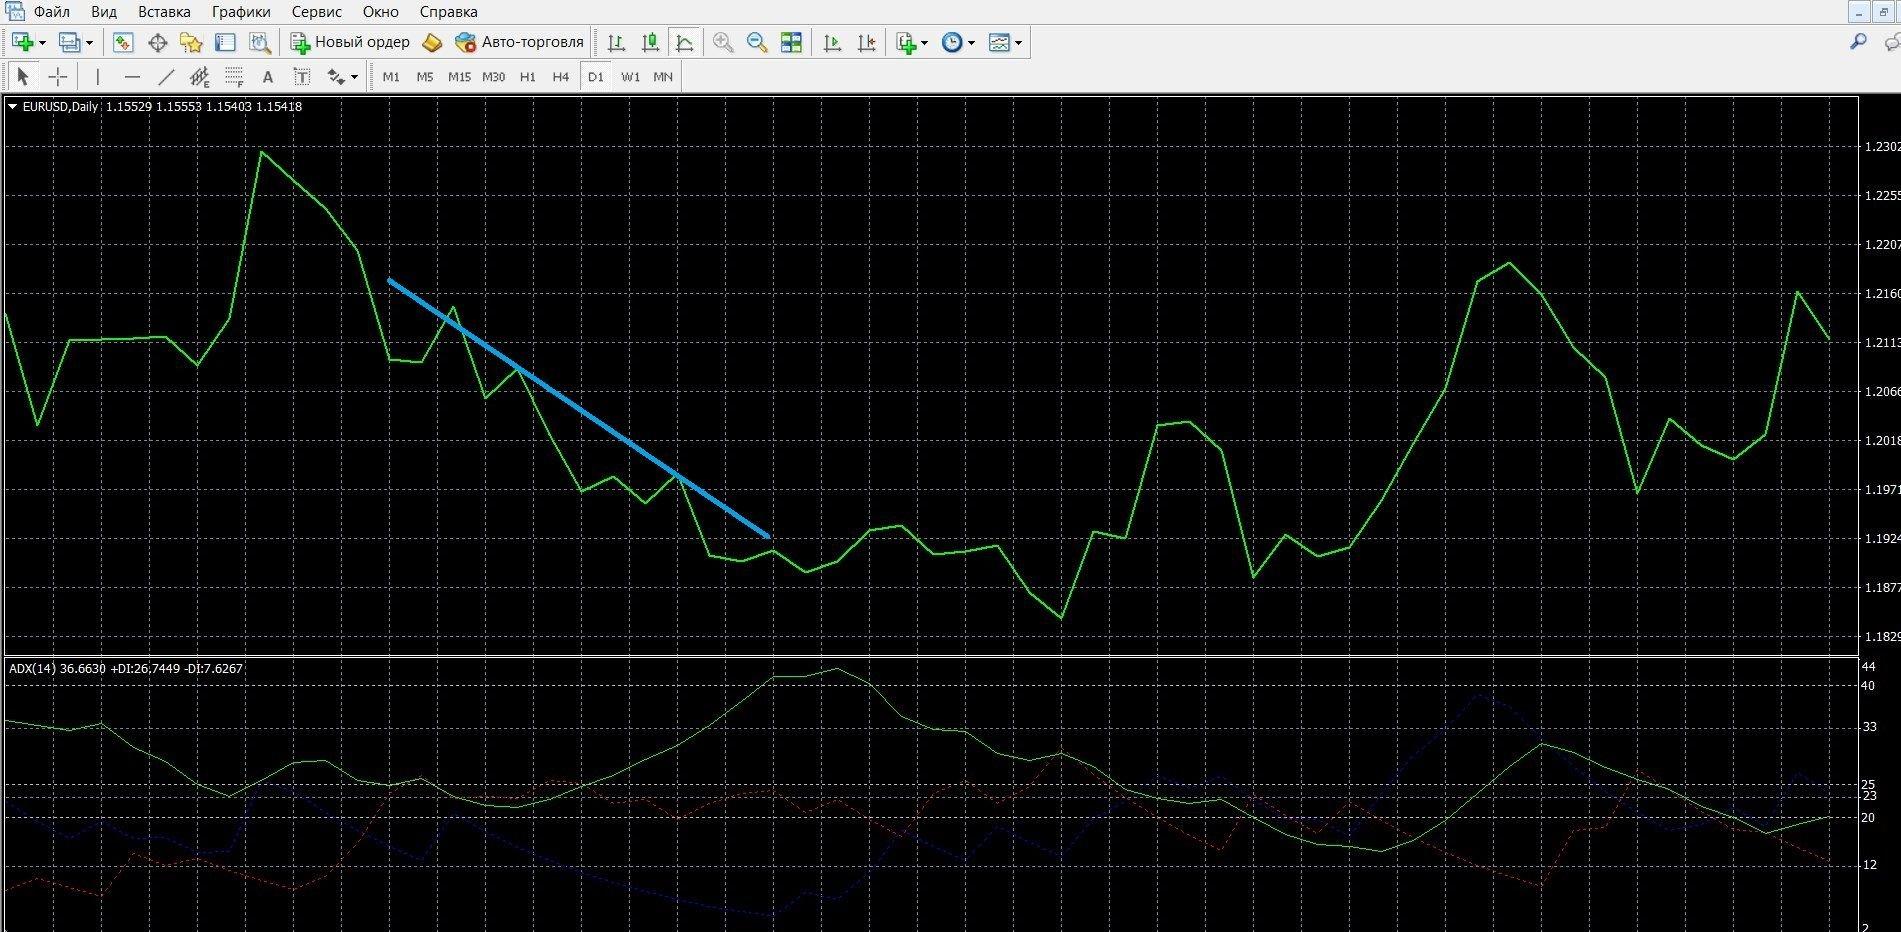 Если –DI выше линии +DI, это нисходящий сигнал индикатора ADX